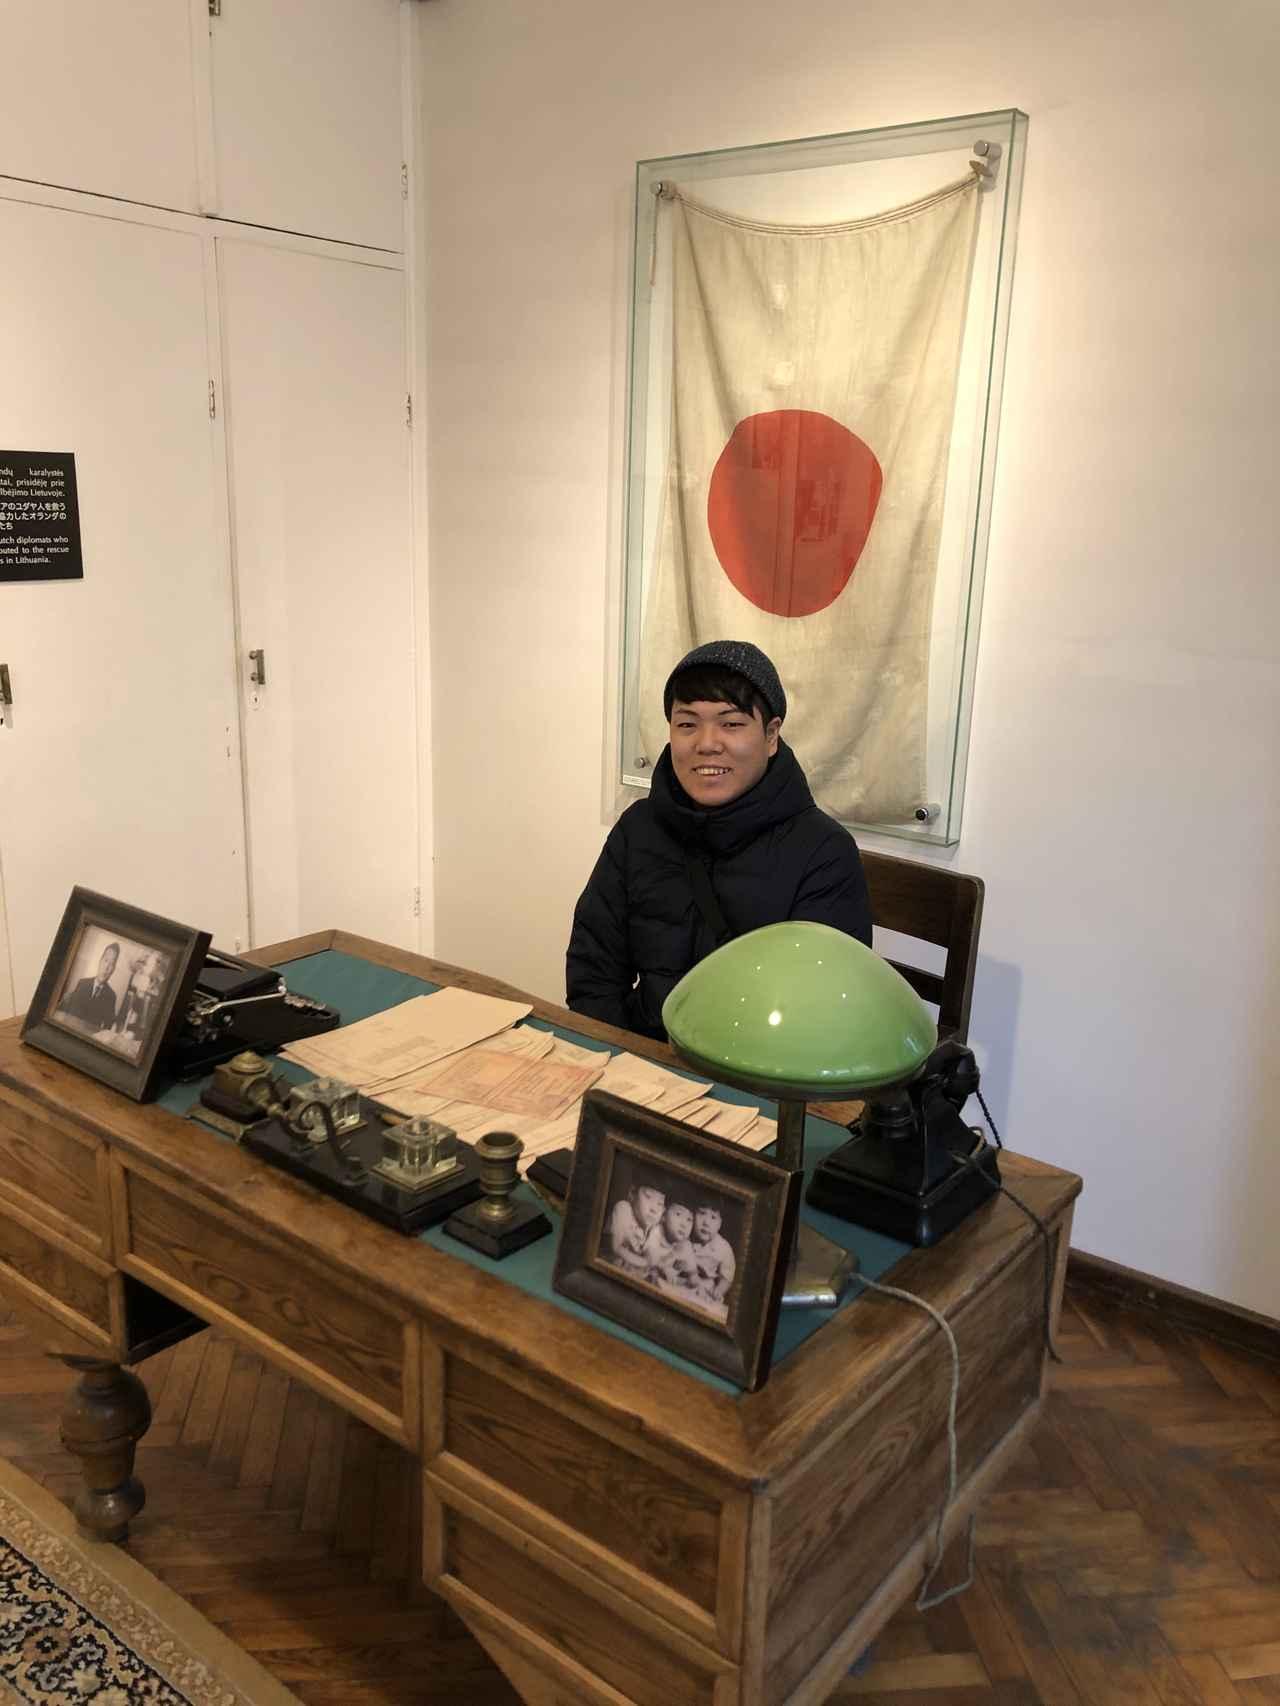 画像: 杉原千畝記念館(旧リトアニア日本大使館)/池田撮影